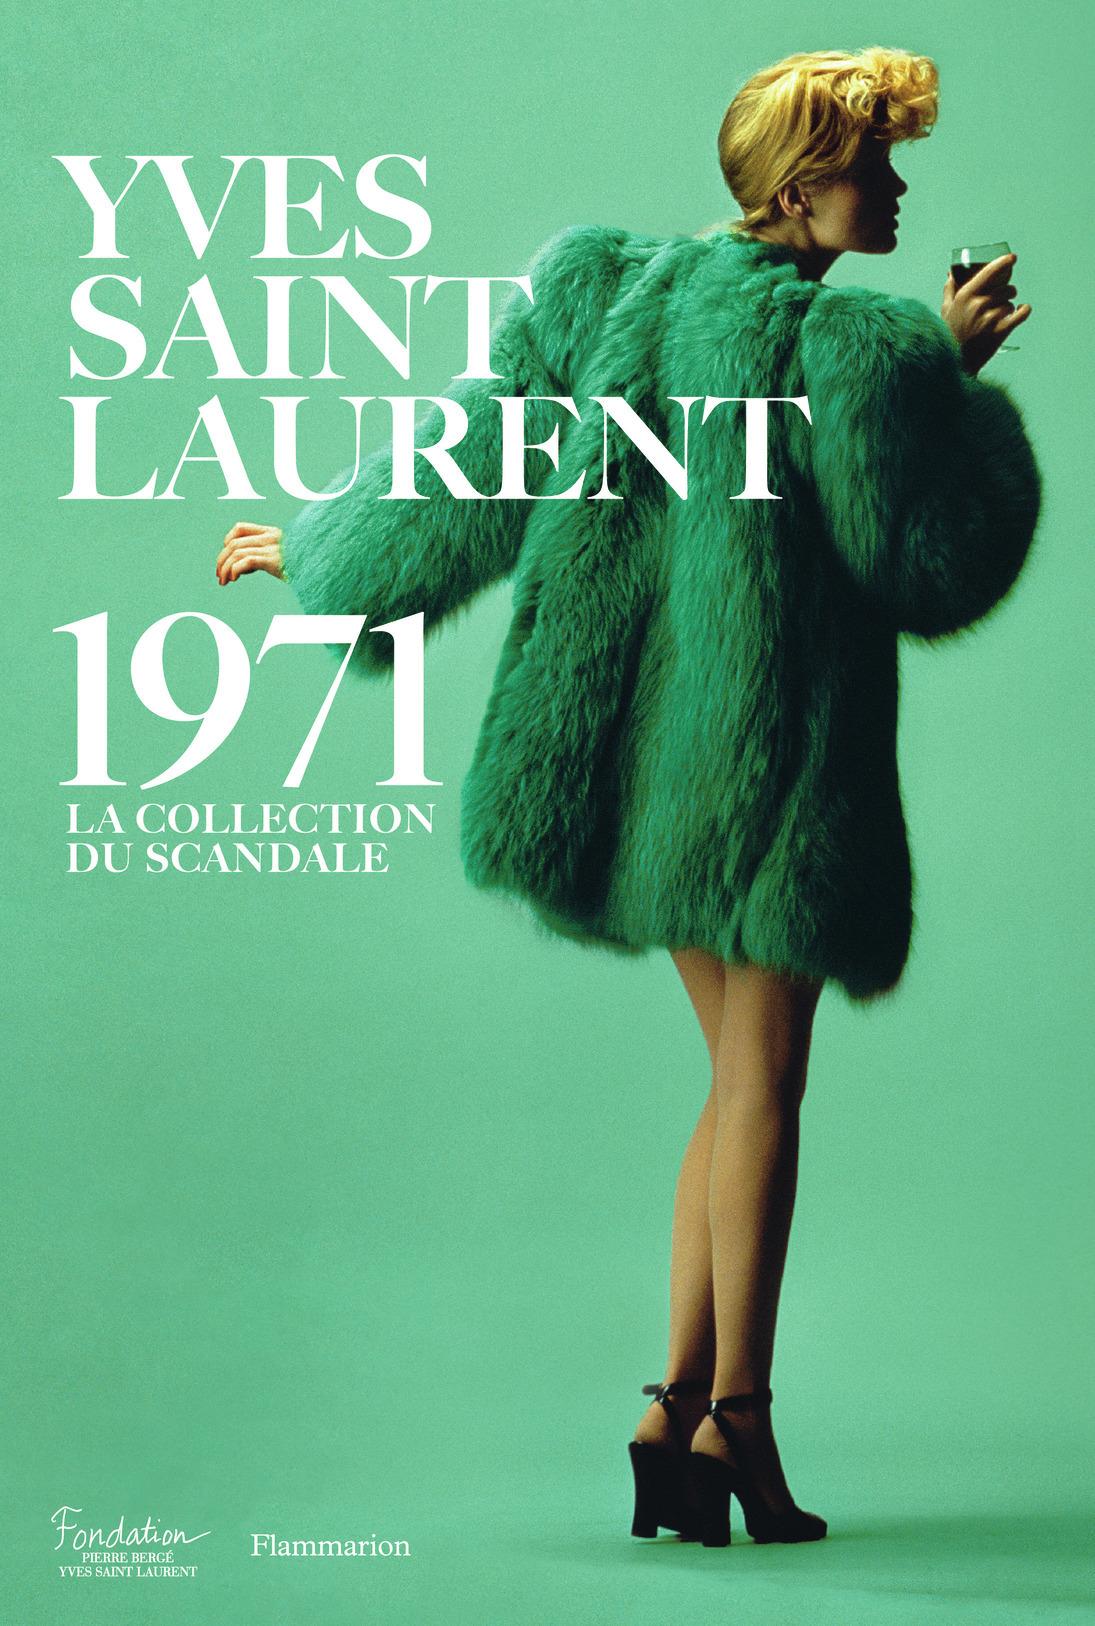 YVES SAINT LAURENT 1971 - LA COLLECTION DU SCANDALE